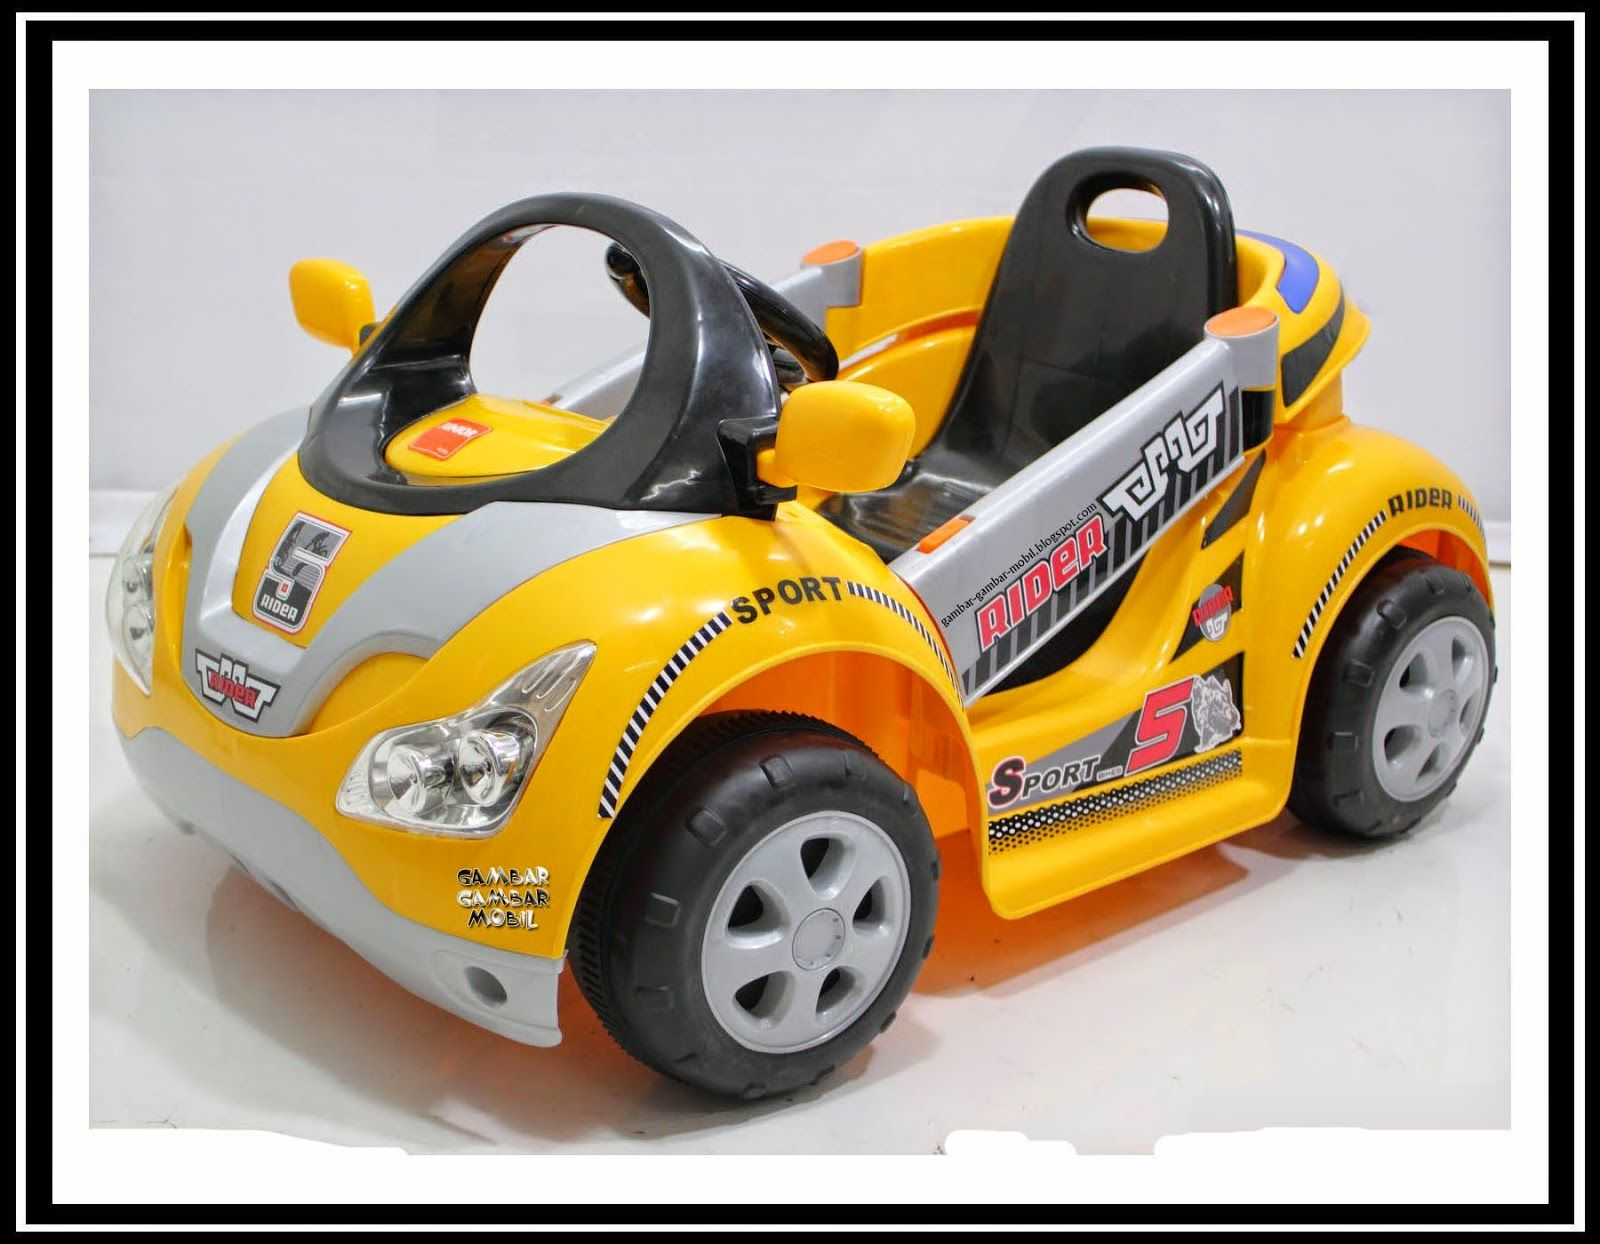 Gambar Mobil Mainan Gambar Gambar Mobil Mobil Mainan Modifikasi Mobil Mainan Anak